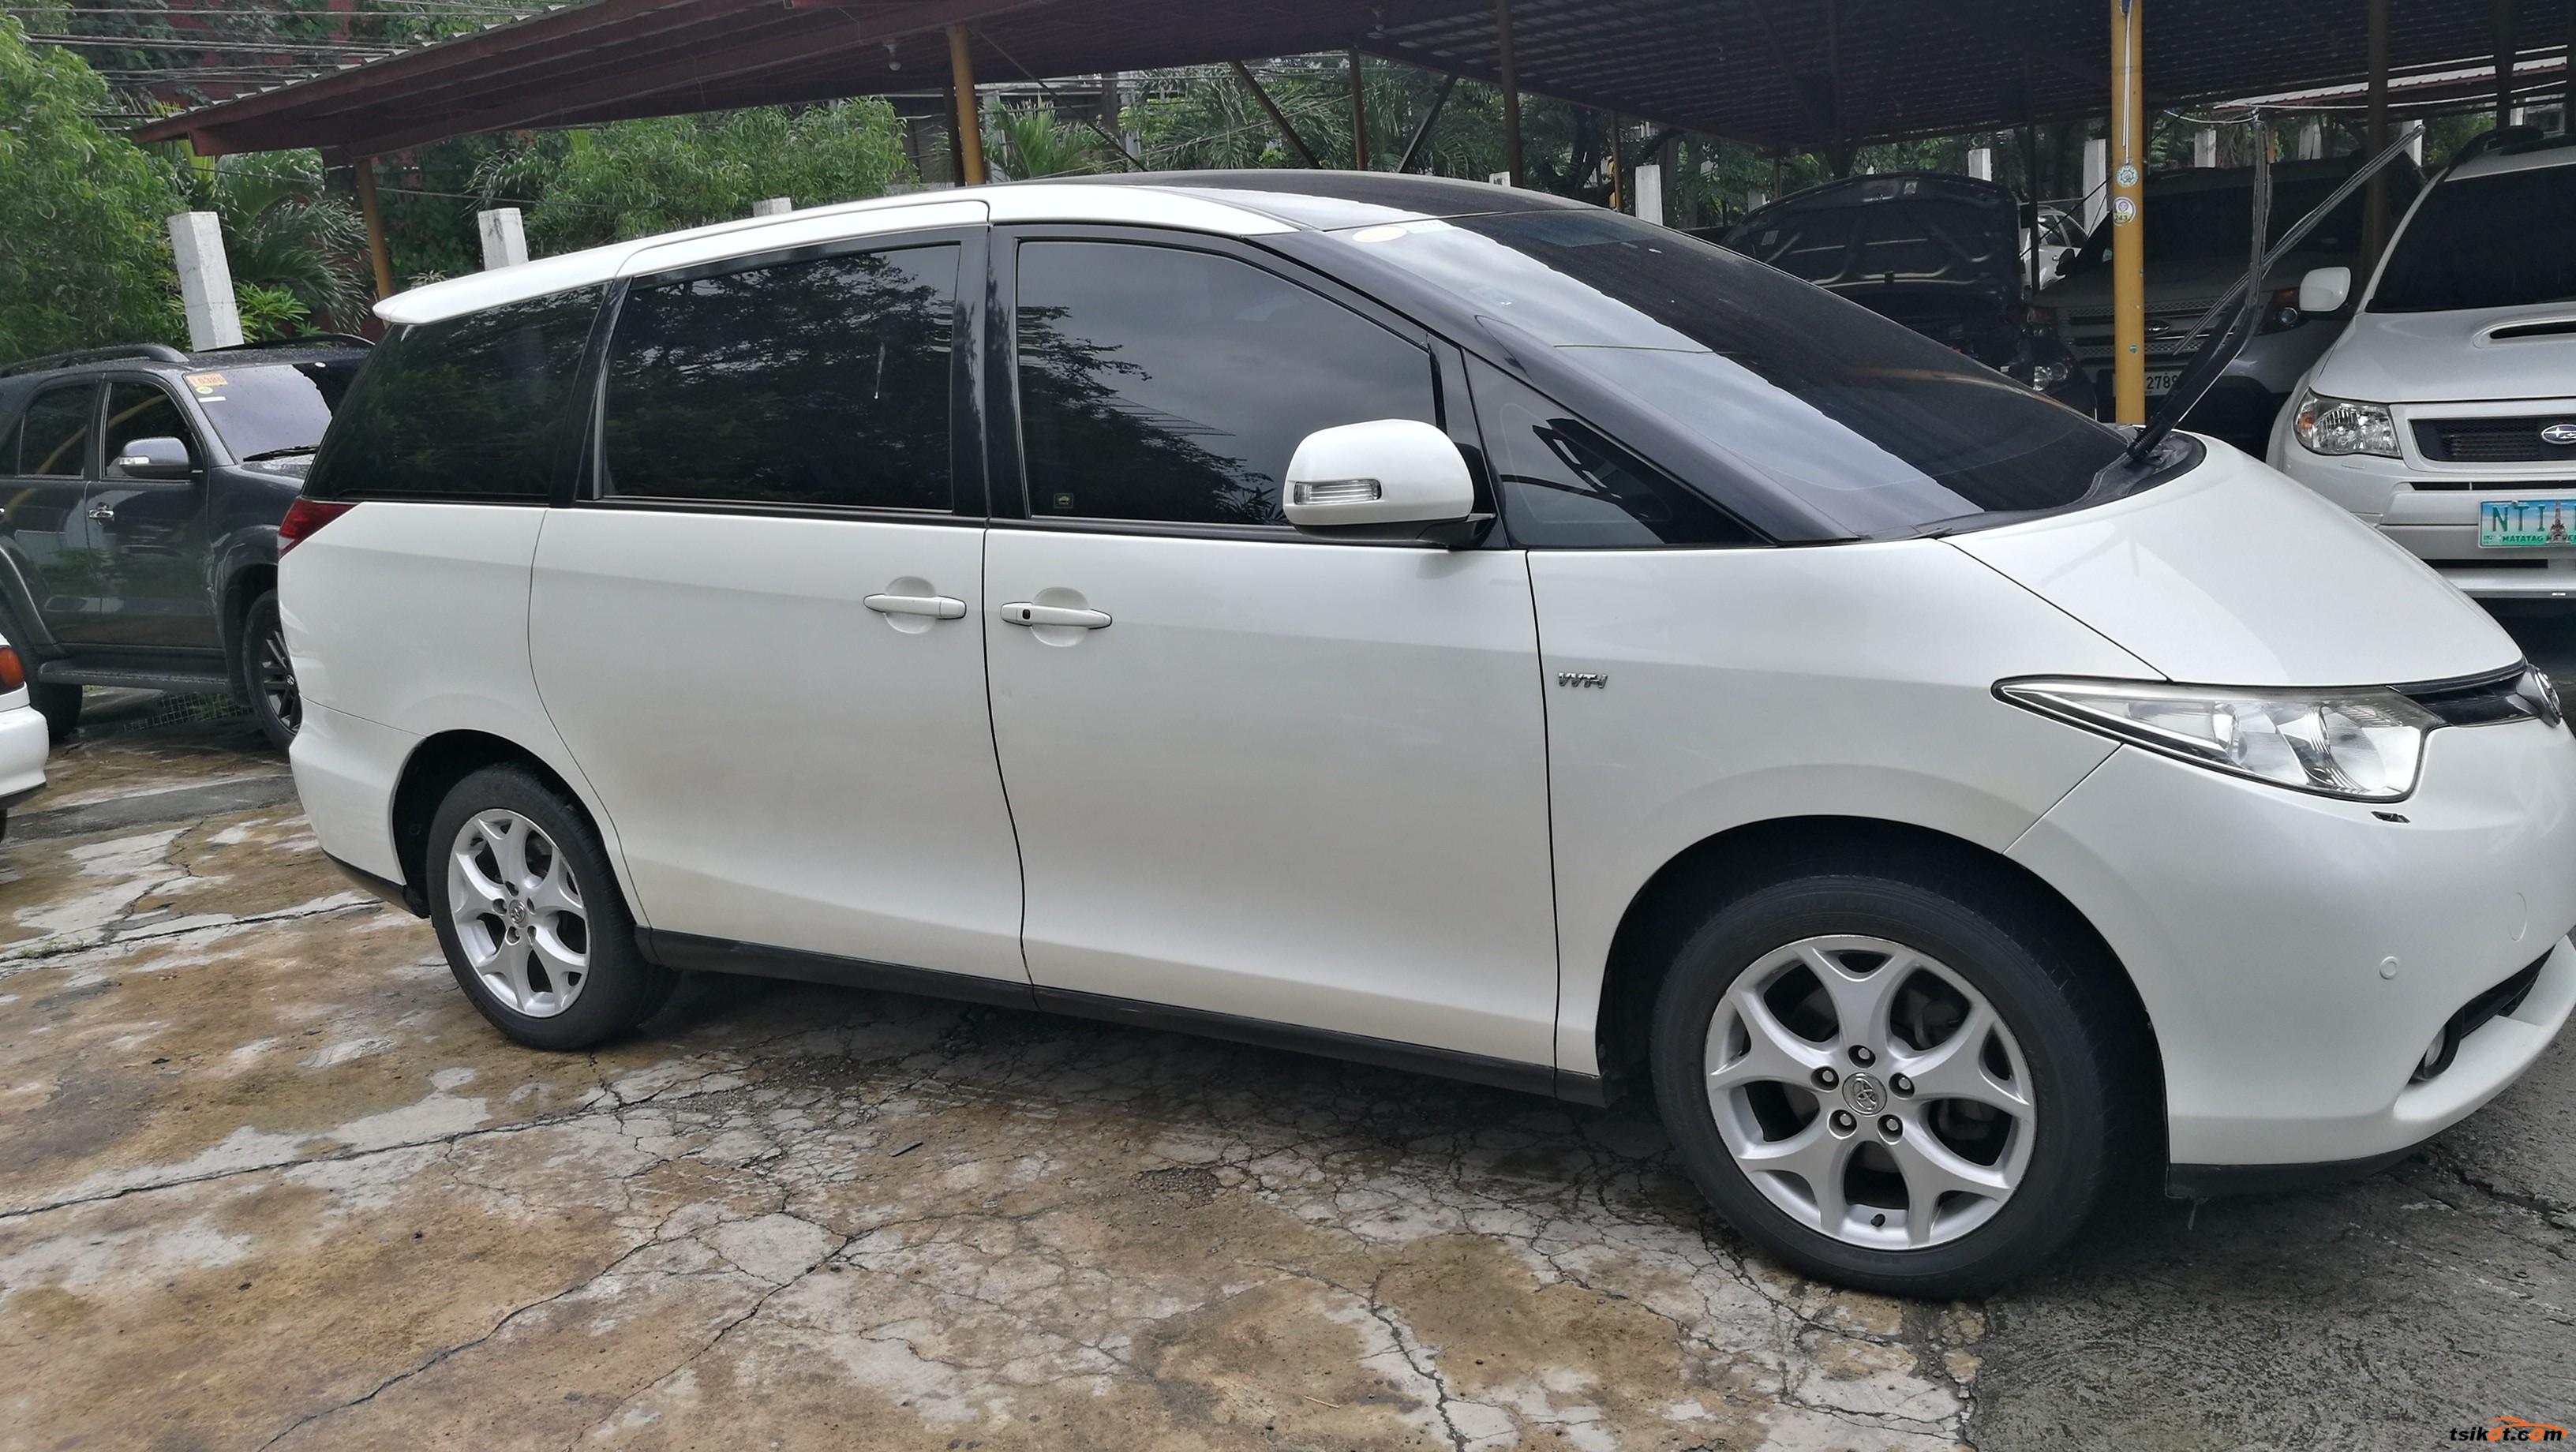 Toyota Previa 2008 - 1